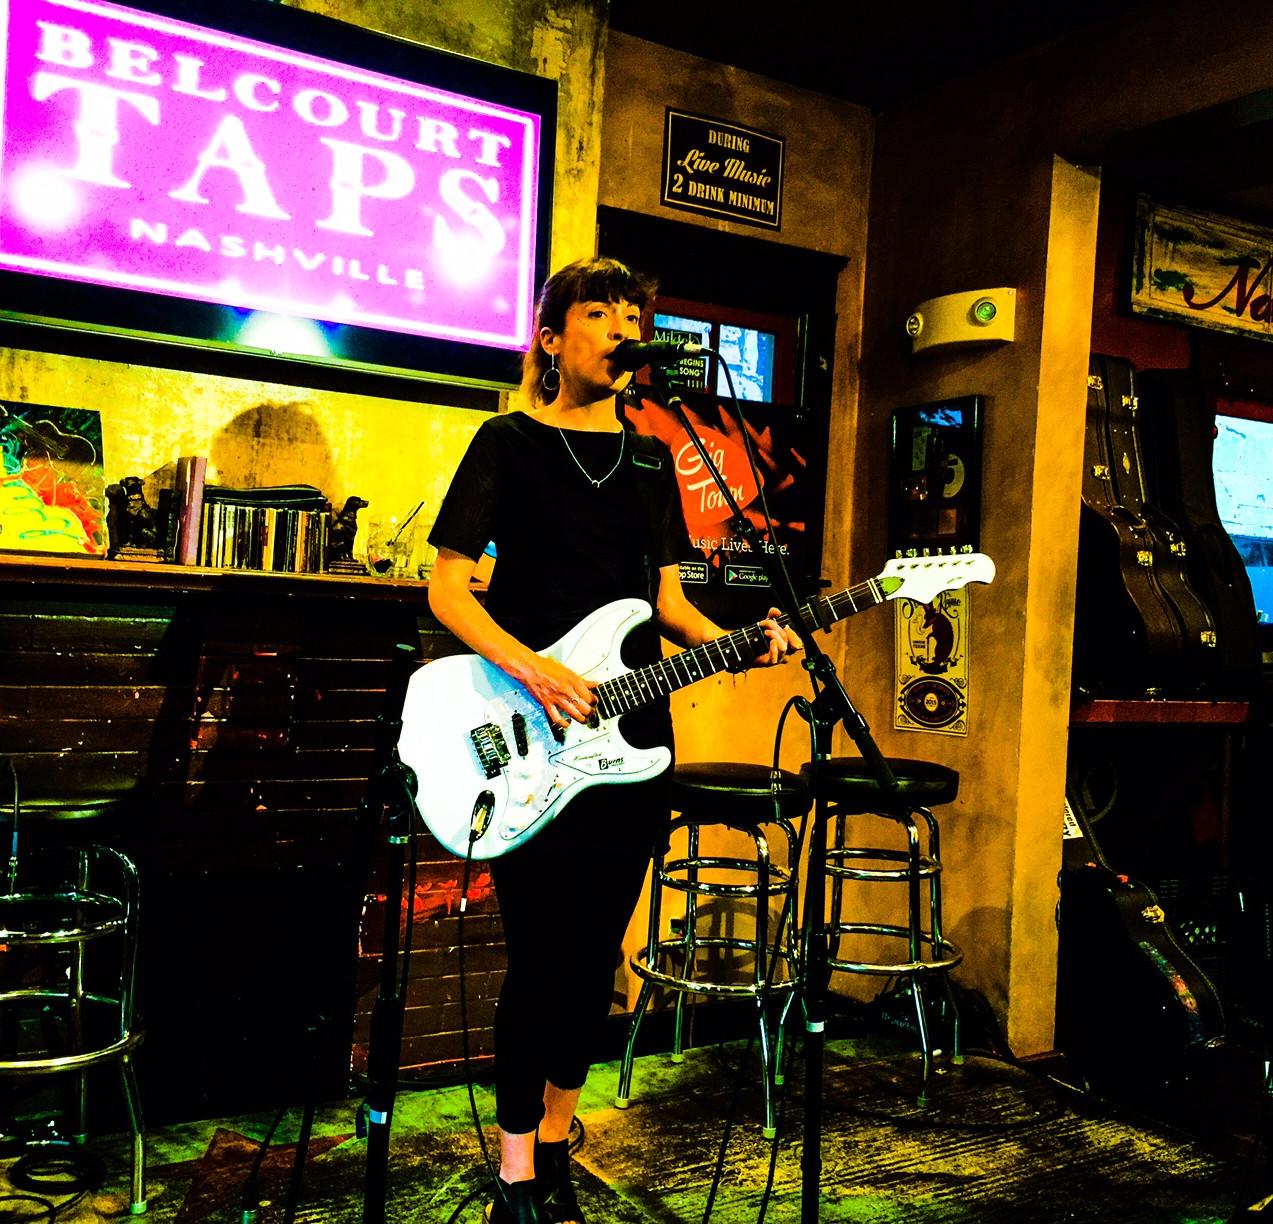 Belcourt Taps, Nashville (June 24)